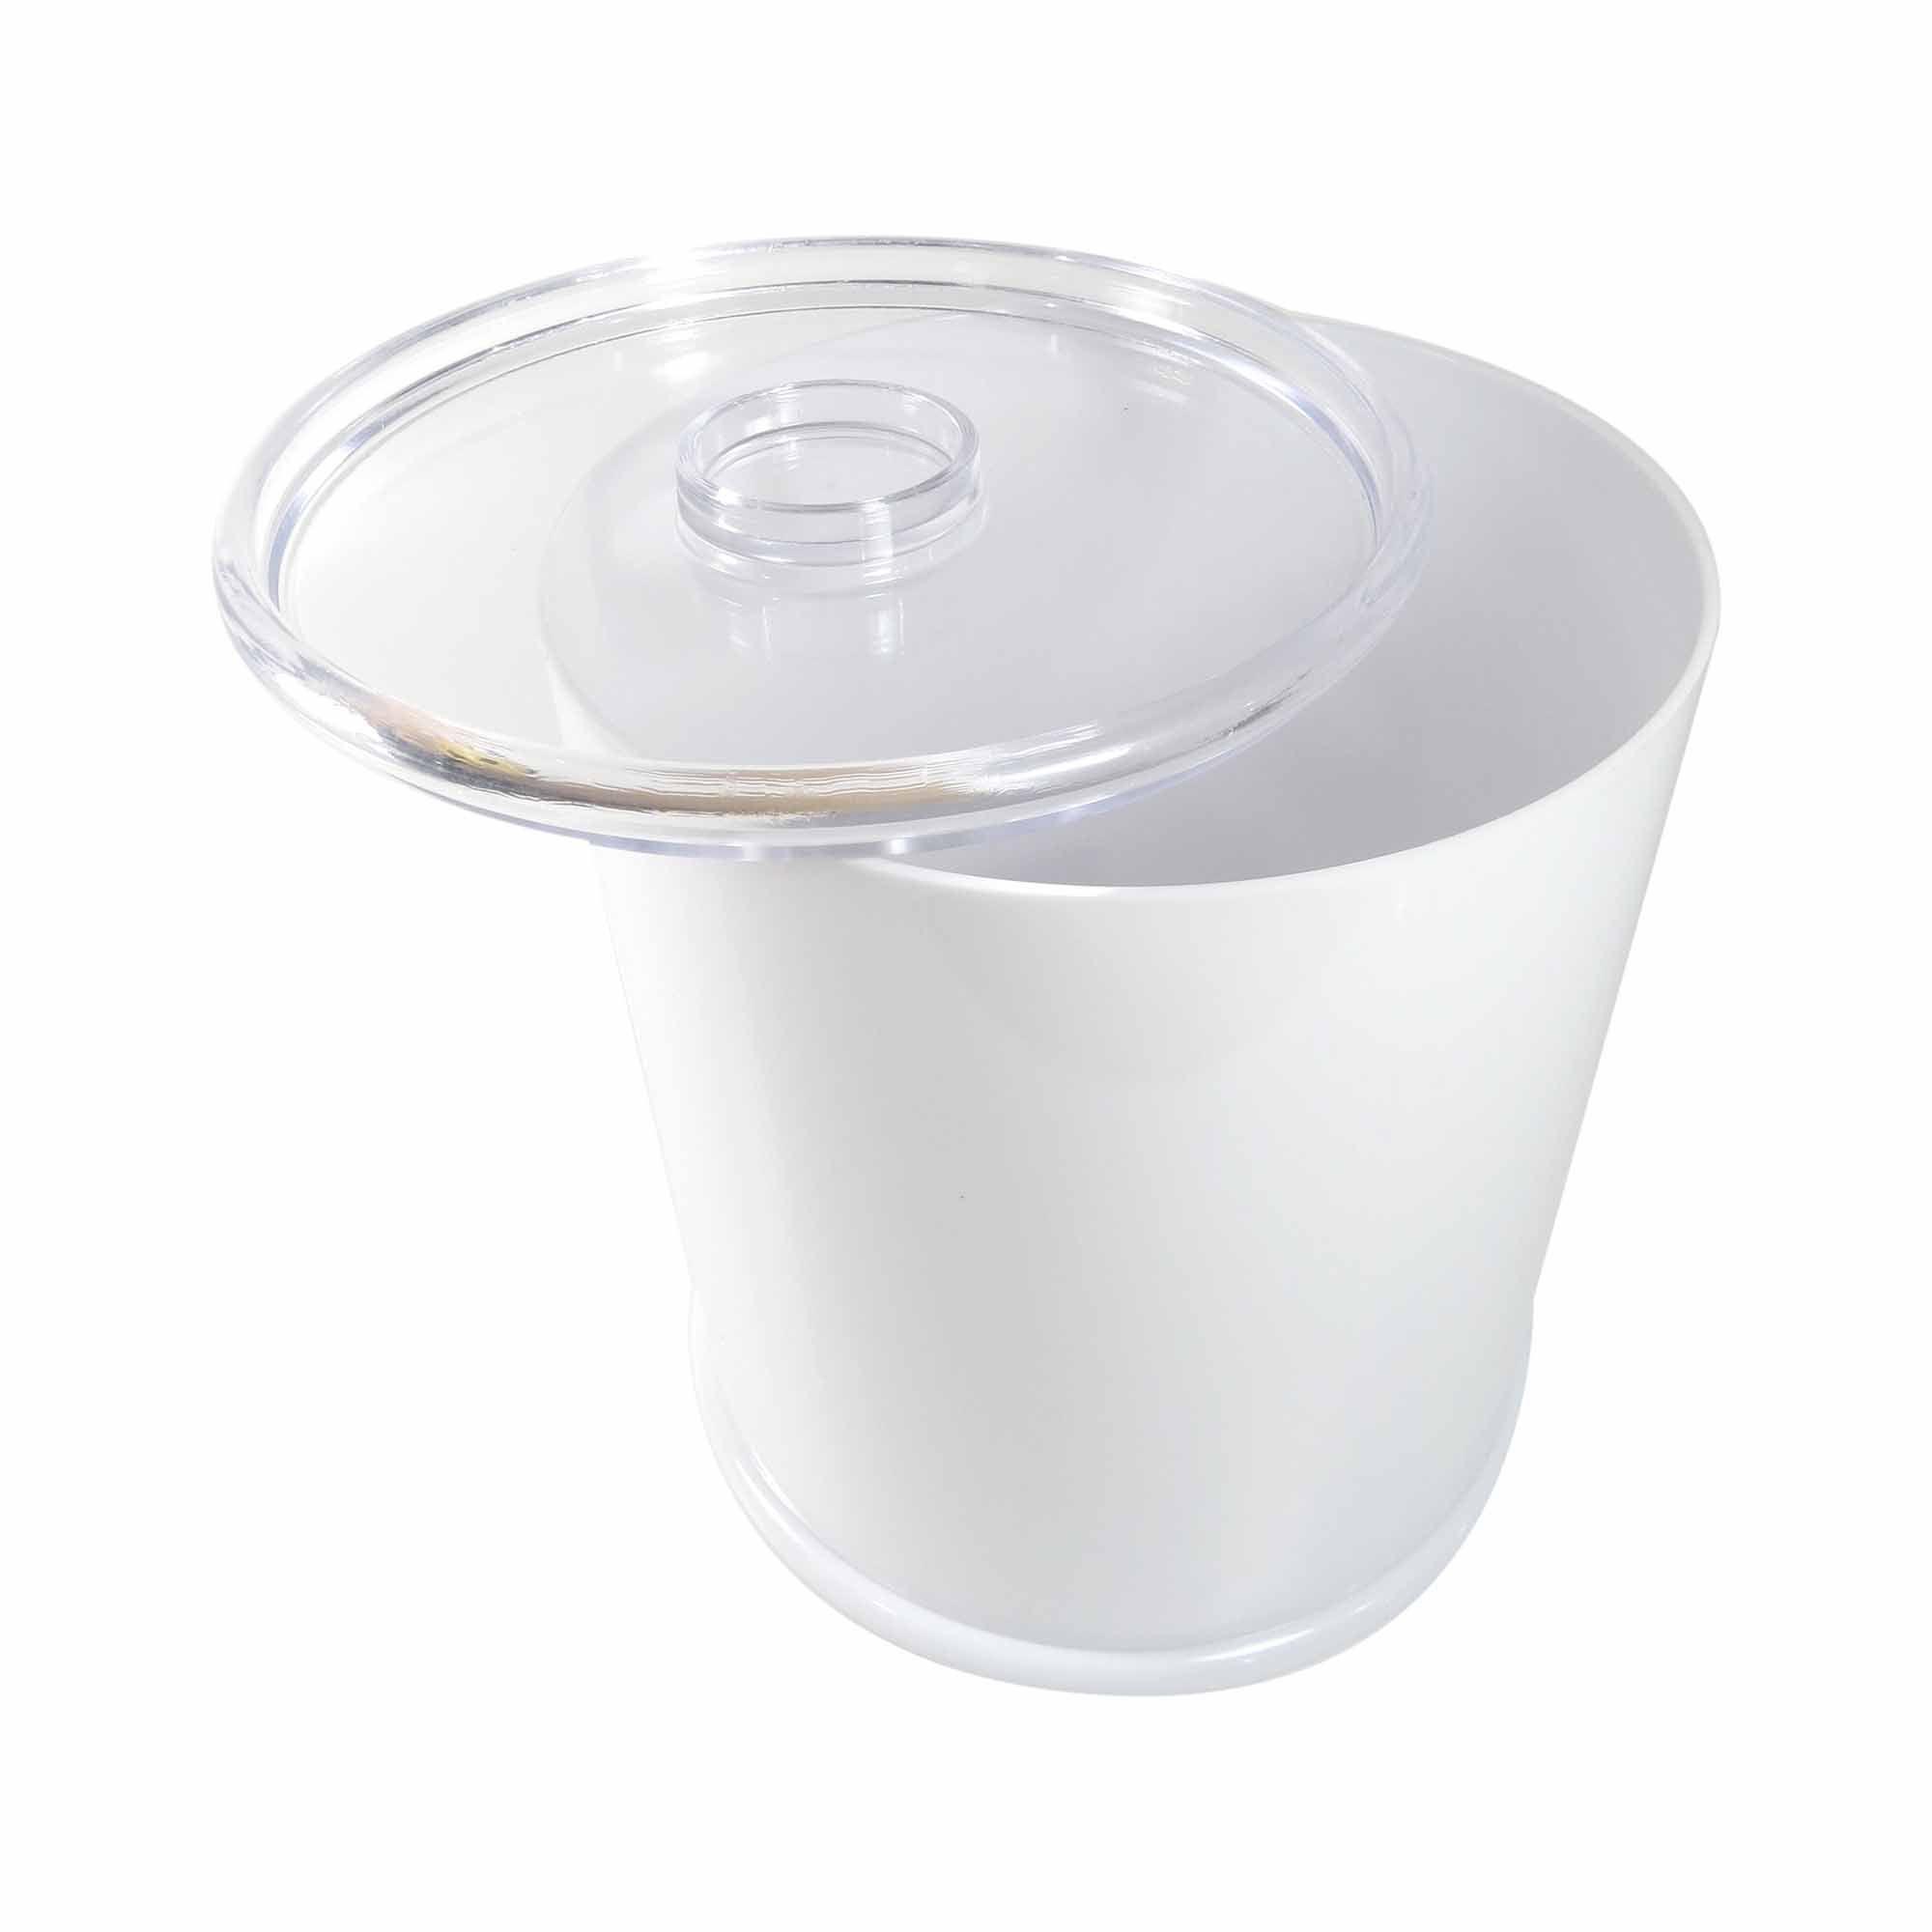 Cesto De Lixo Banheiro 5,25L Classic Branco Ricaelle